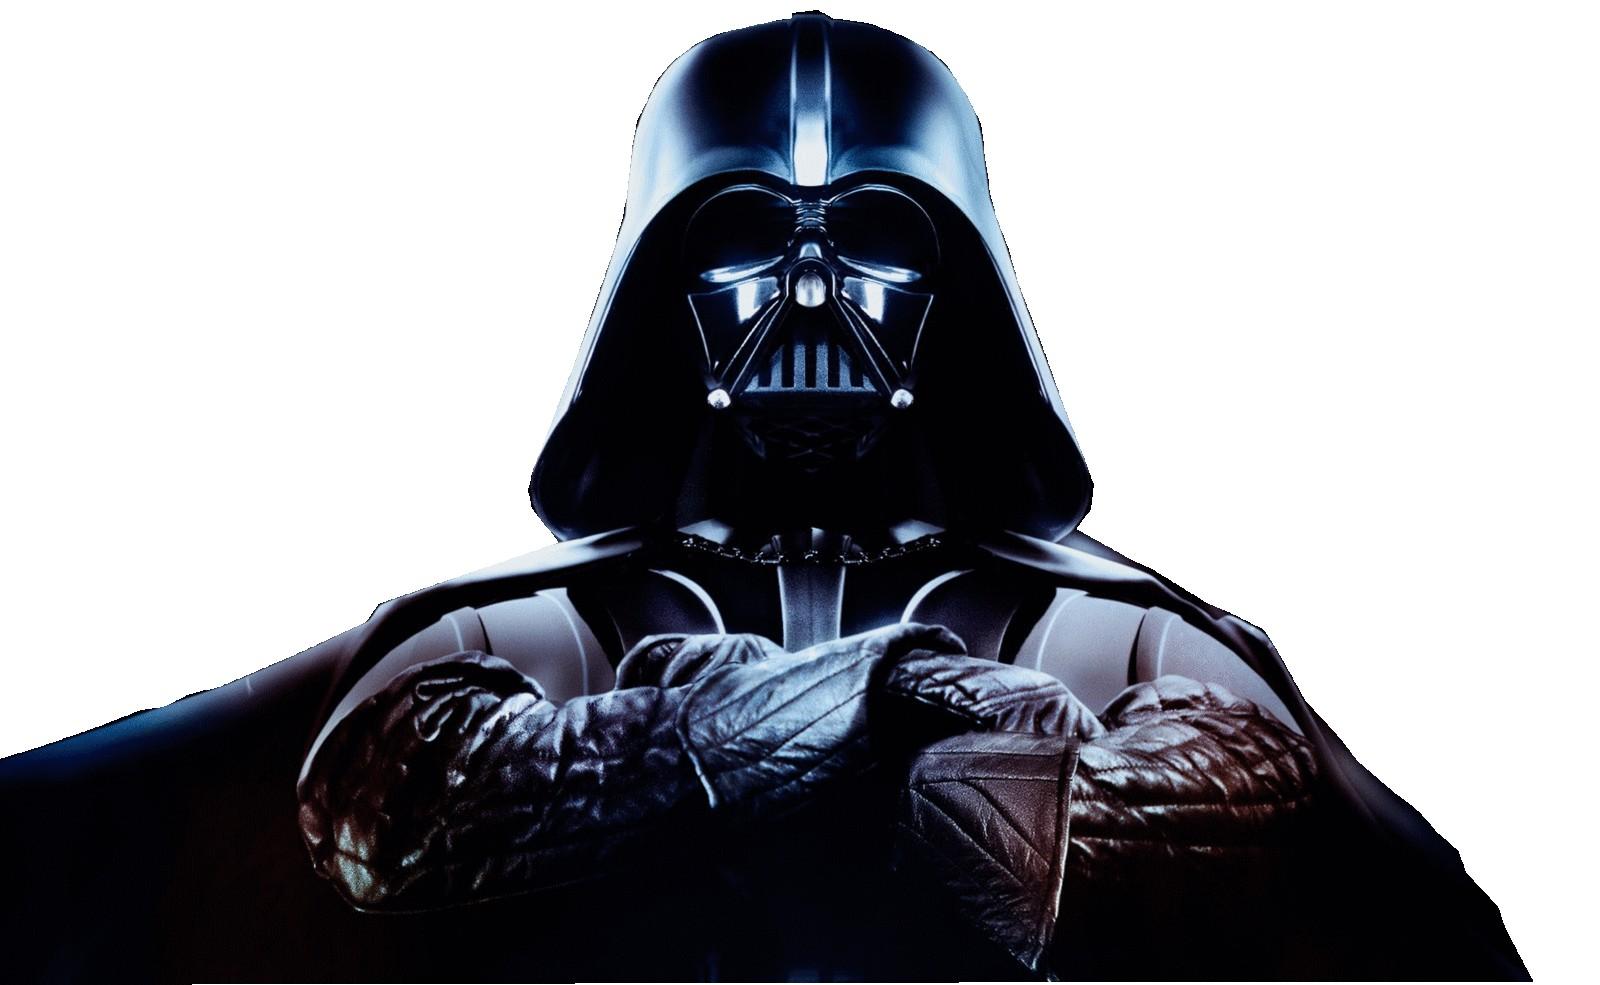 Es-tu du côté lumineux ou du côté obscur de la Force ?